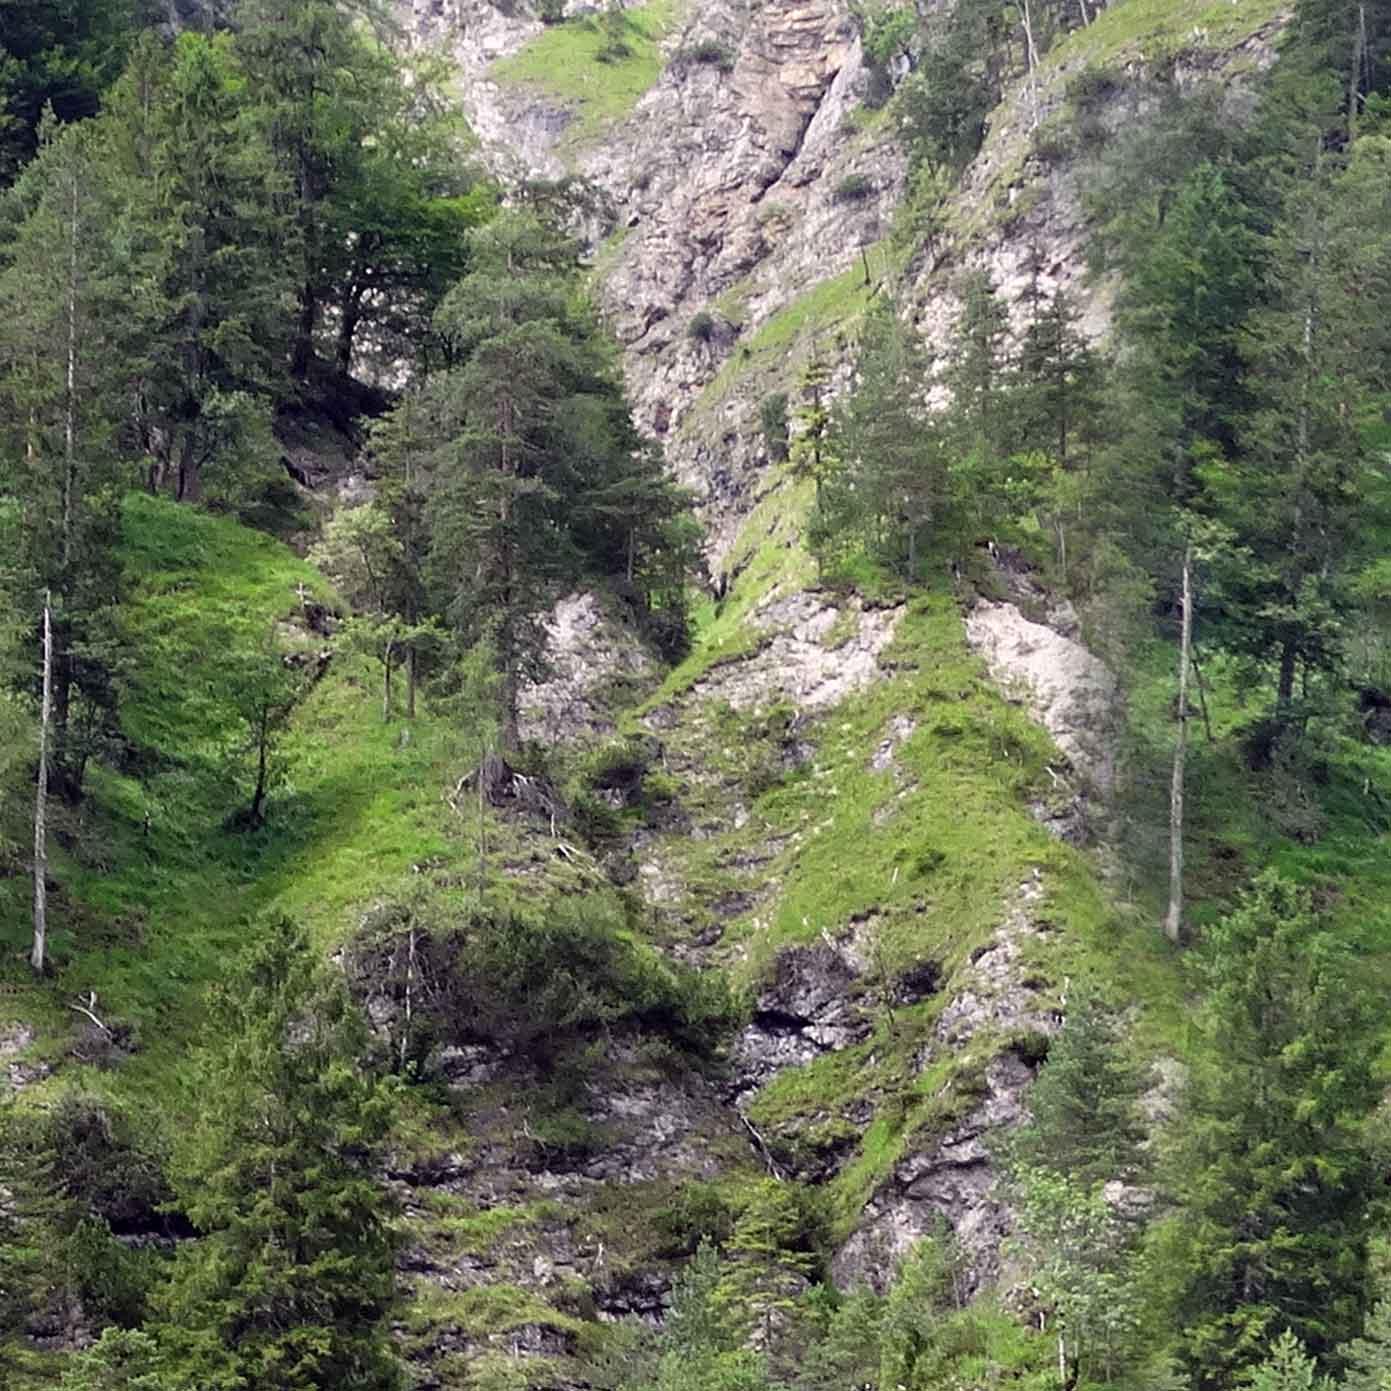 Bewaldeter Steilhang Teil 2 – Modellbahn Hintergrund 300 x 50 cm 2